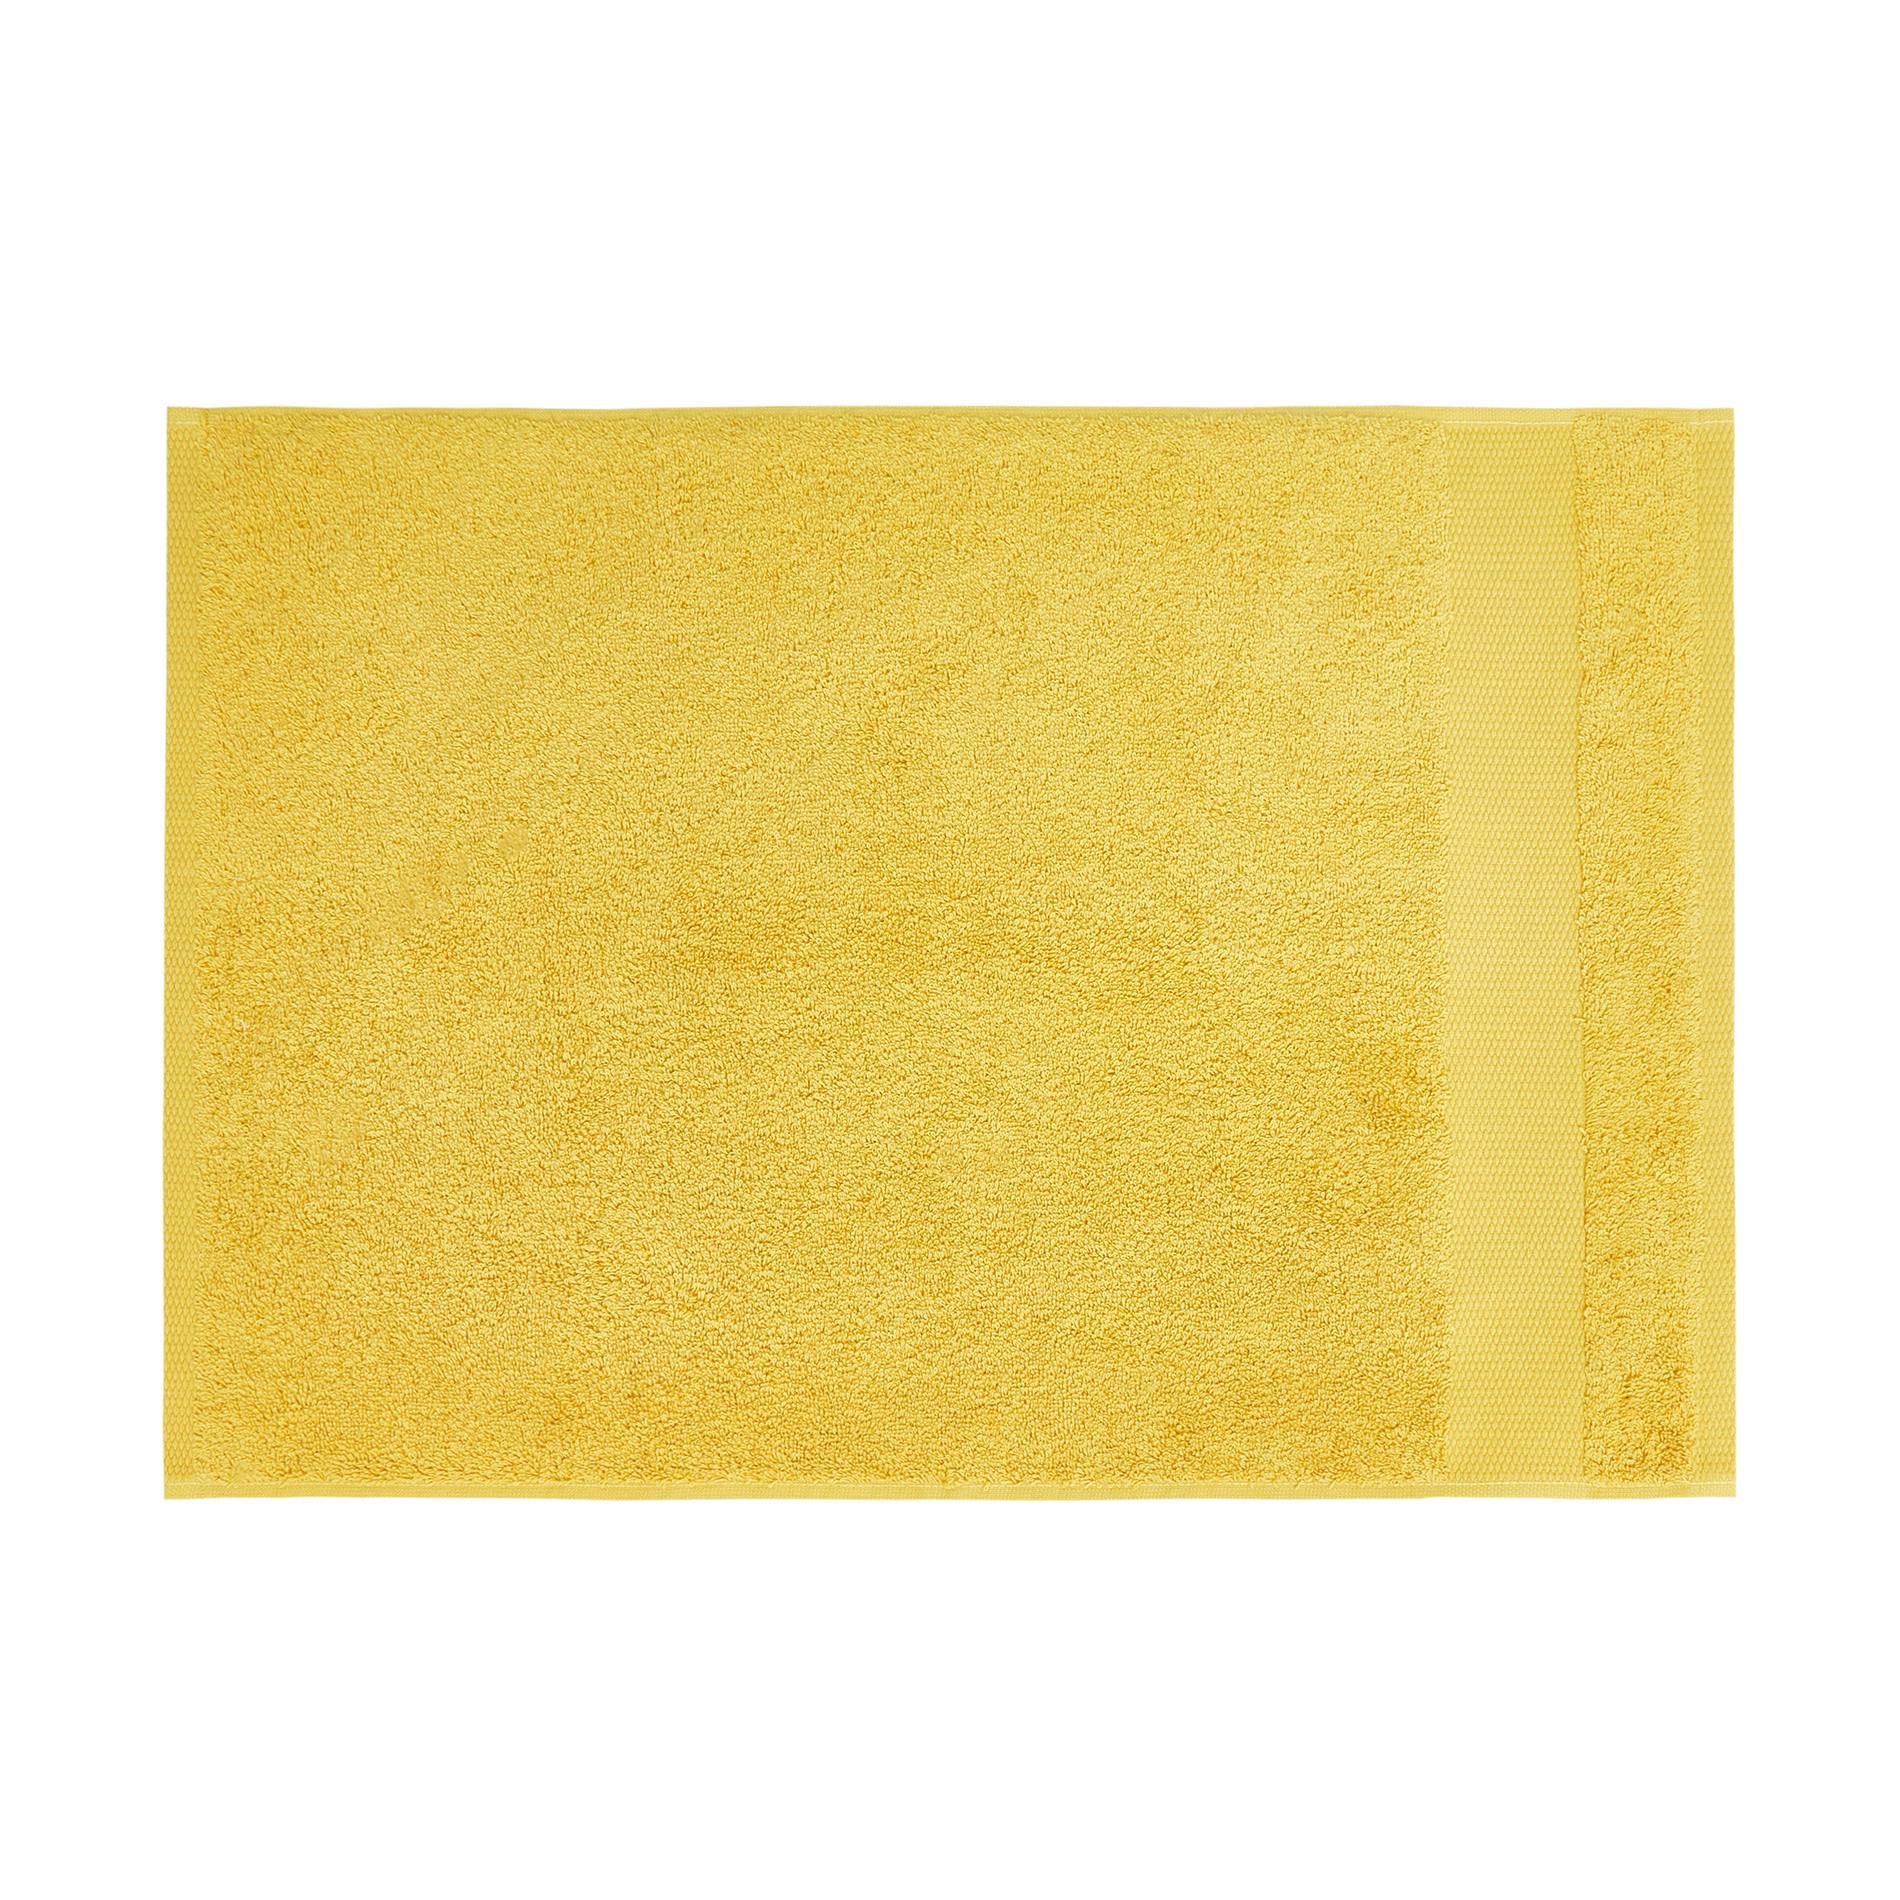 Asciugamano spugna di puro cotone Zefiro, Giallo senape, large image number 2